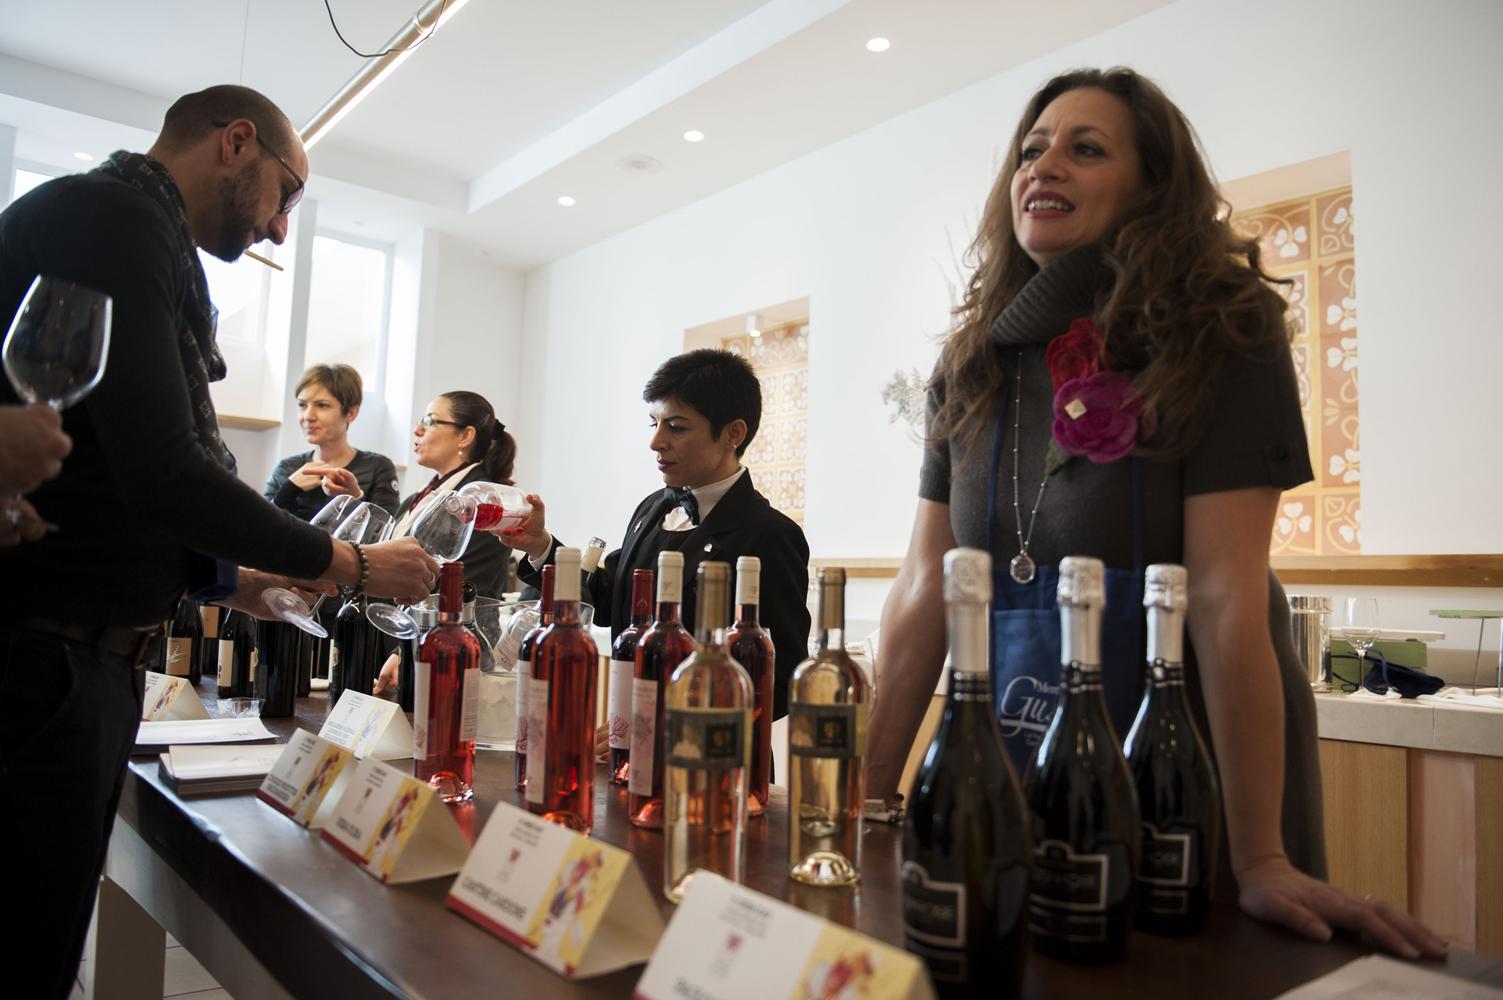 Associazione Le Donne del Vino